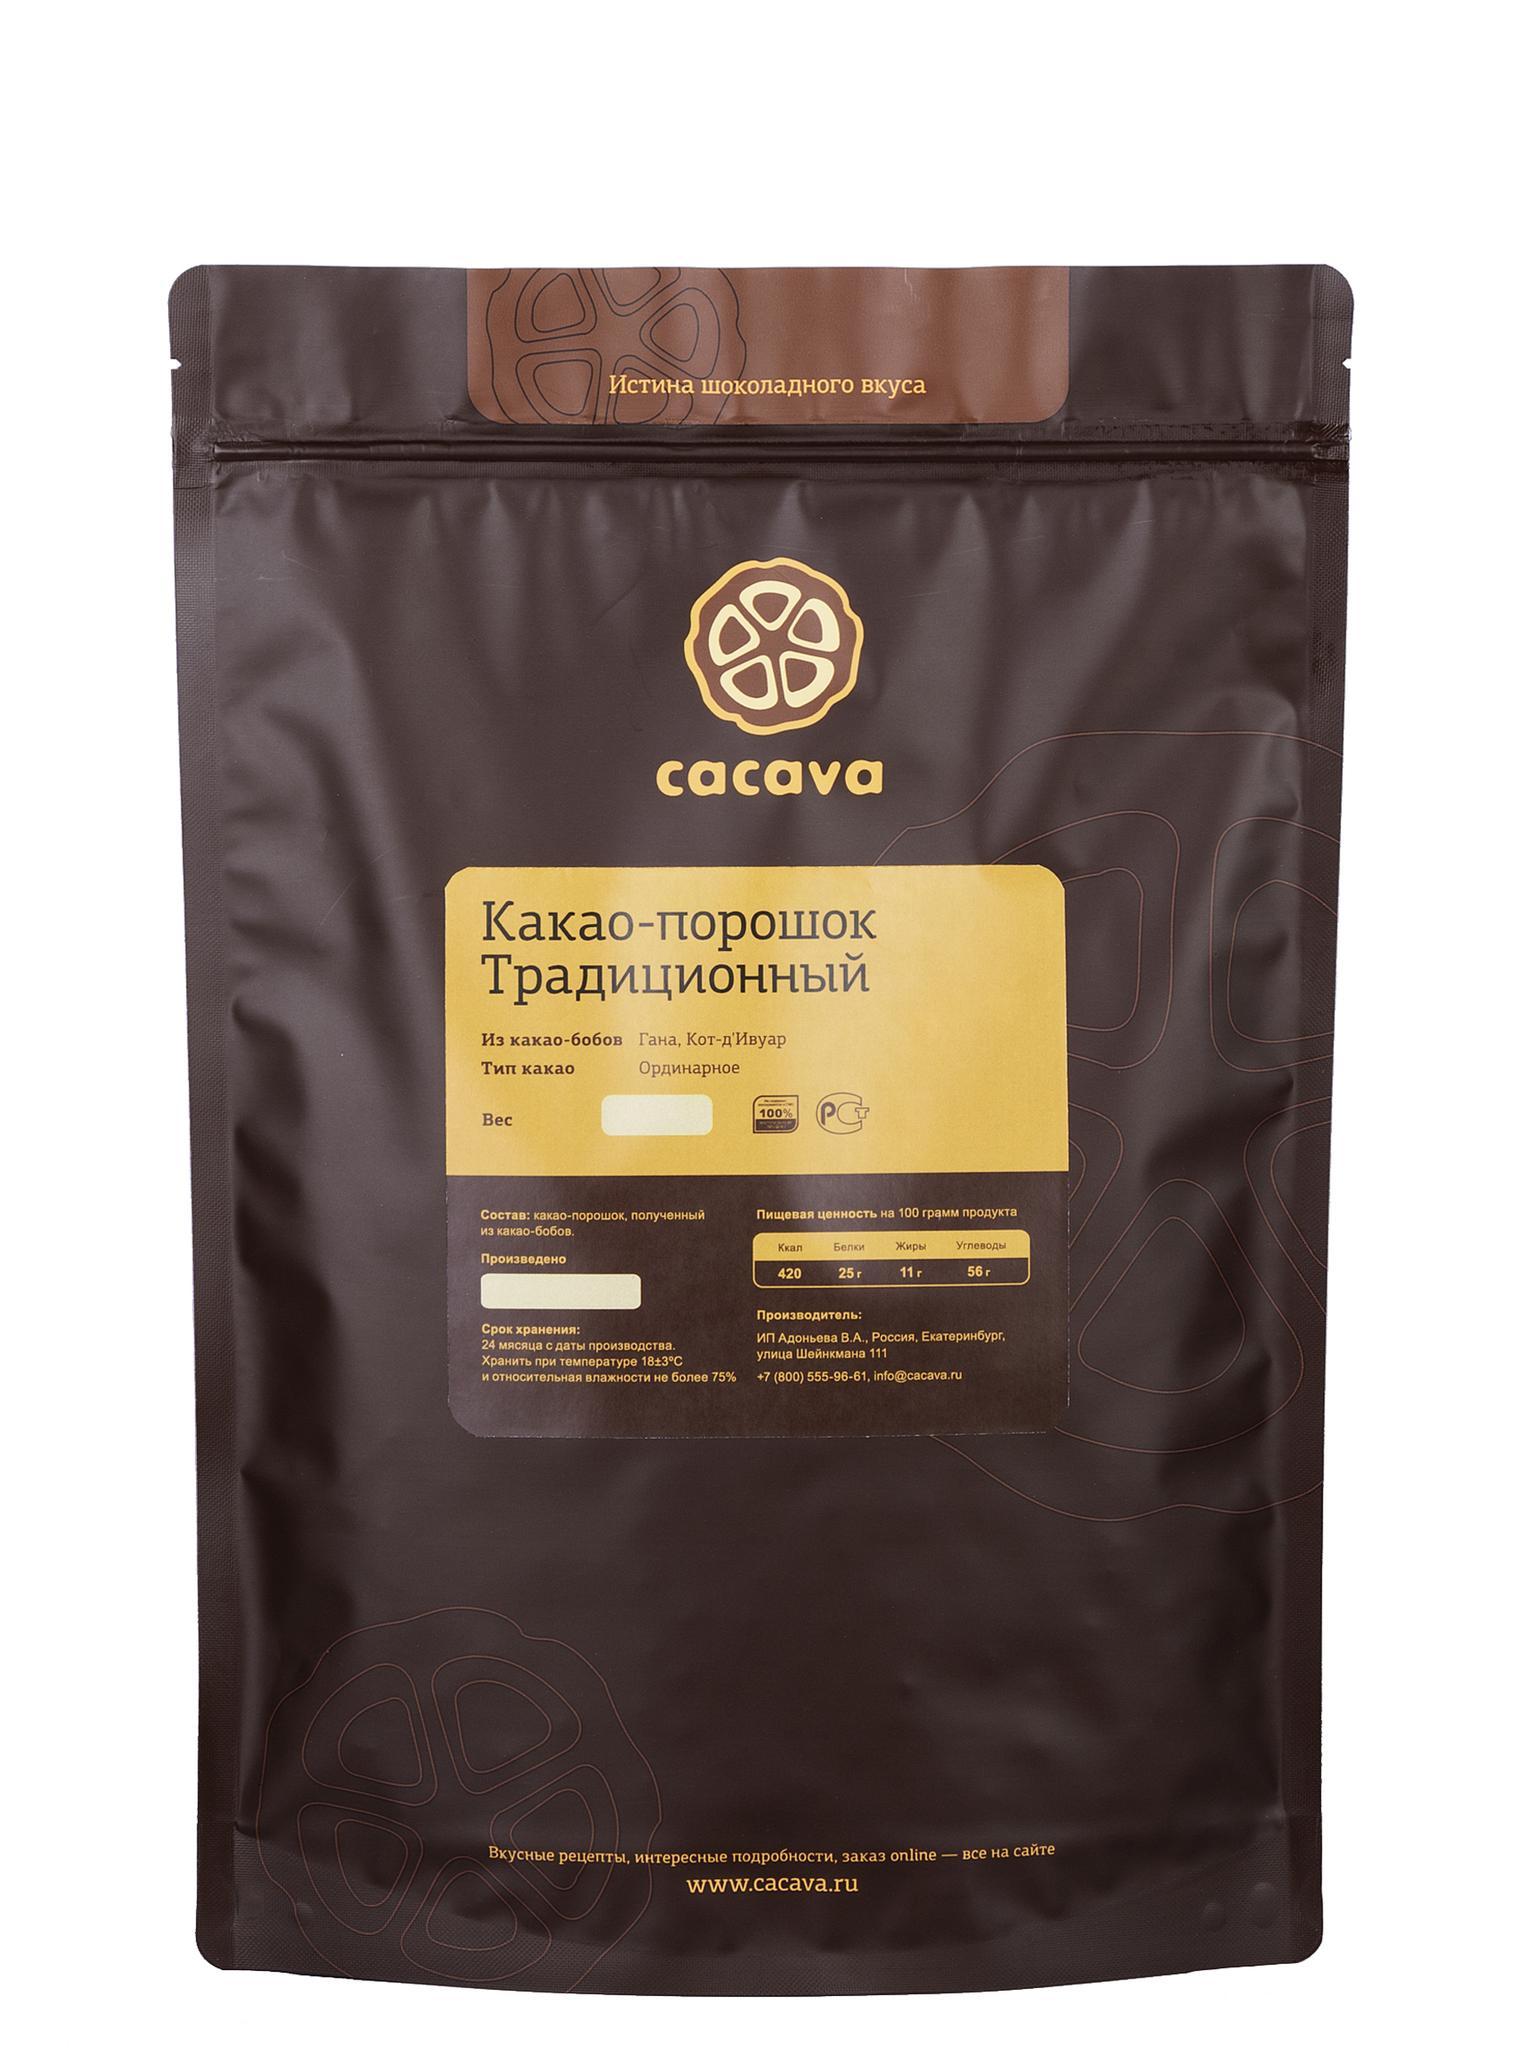 Какао-порошок Традиционный, упаковка 1 и 3 кг